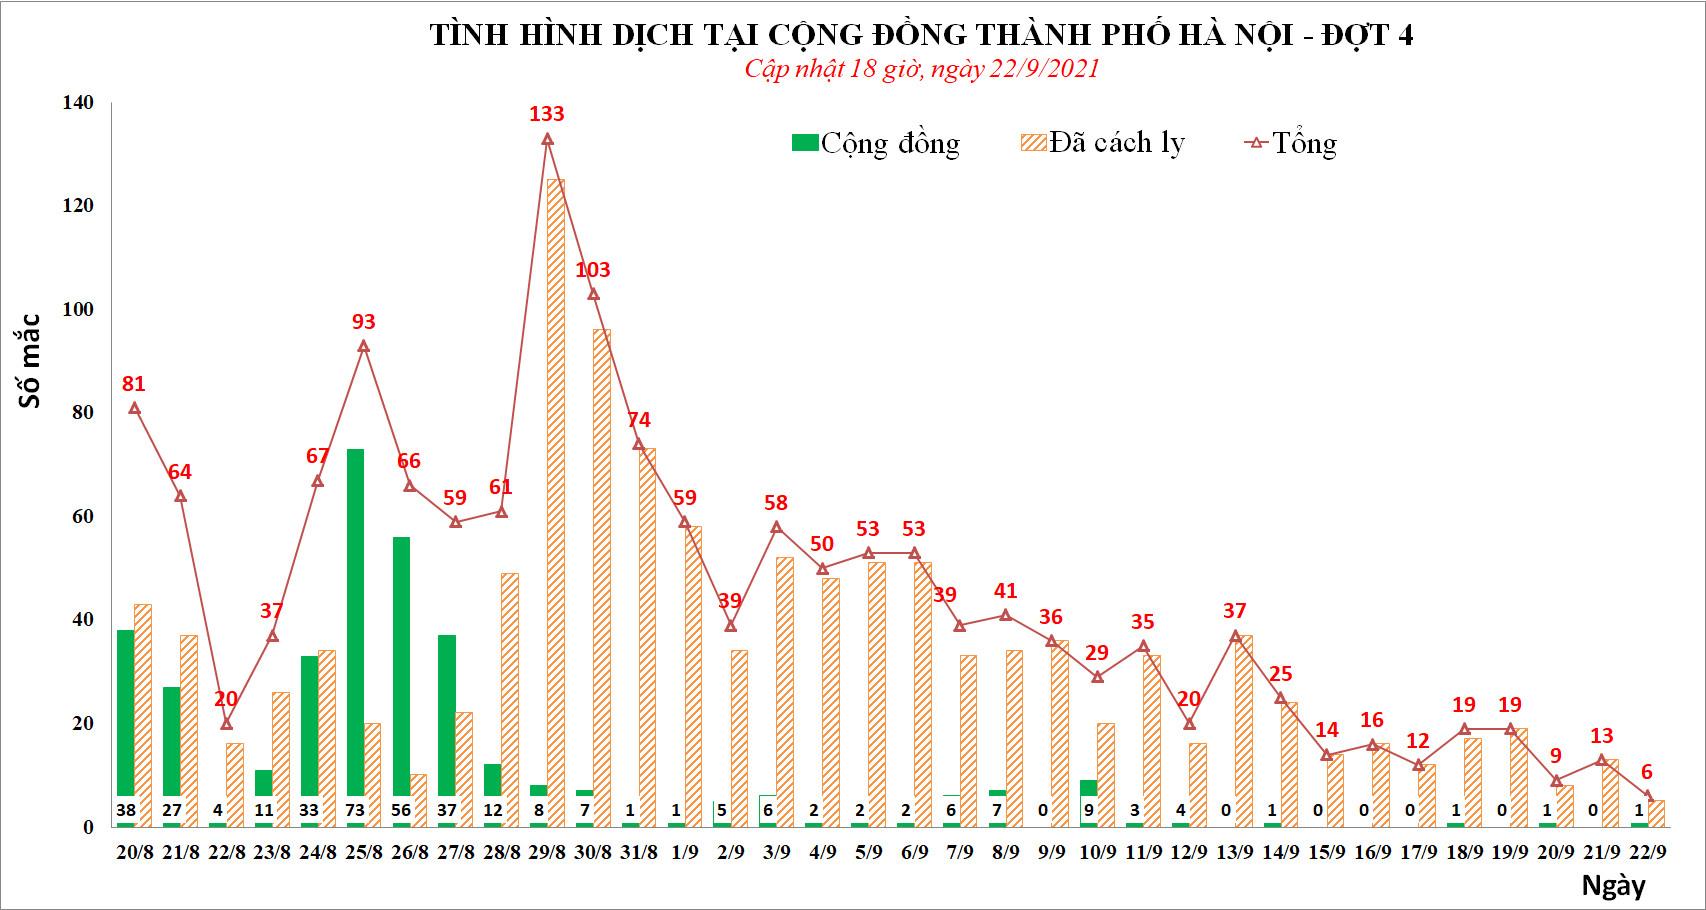 TIN VUI: Chiều 22/9, Hà Nội không phát hiện thêm ca mắc Covid-19, tổng 6 ca trong ngày - ảnh 1